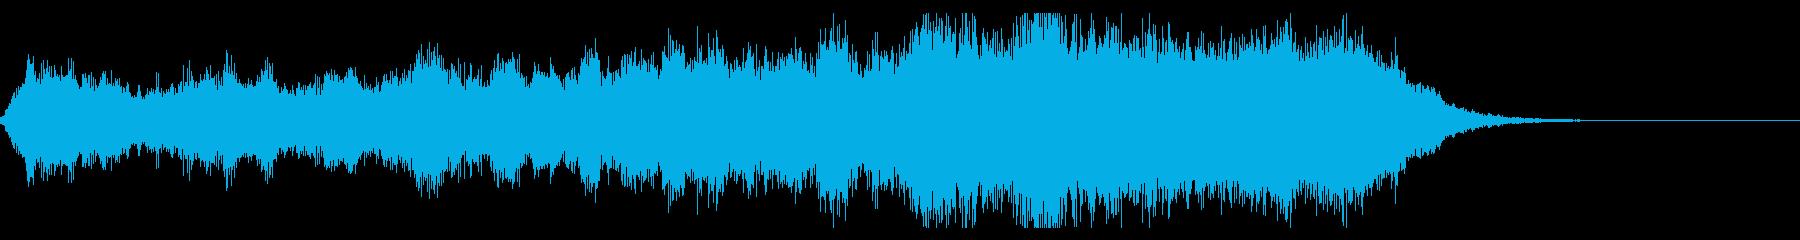 TVでも使われるクラシック キエフ Sの再生済みの波形